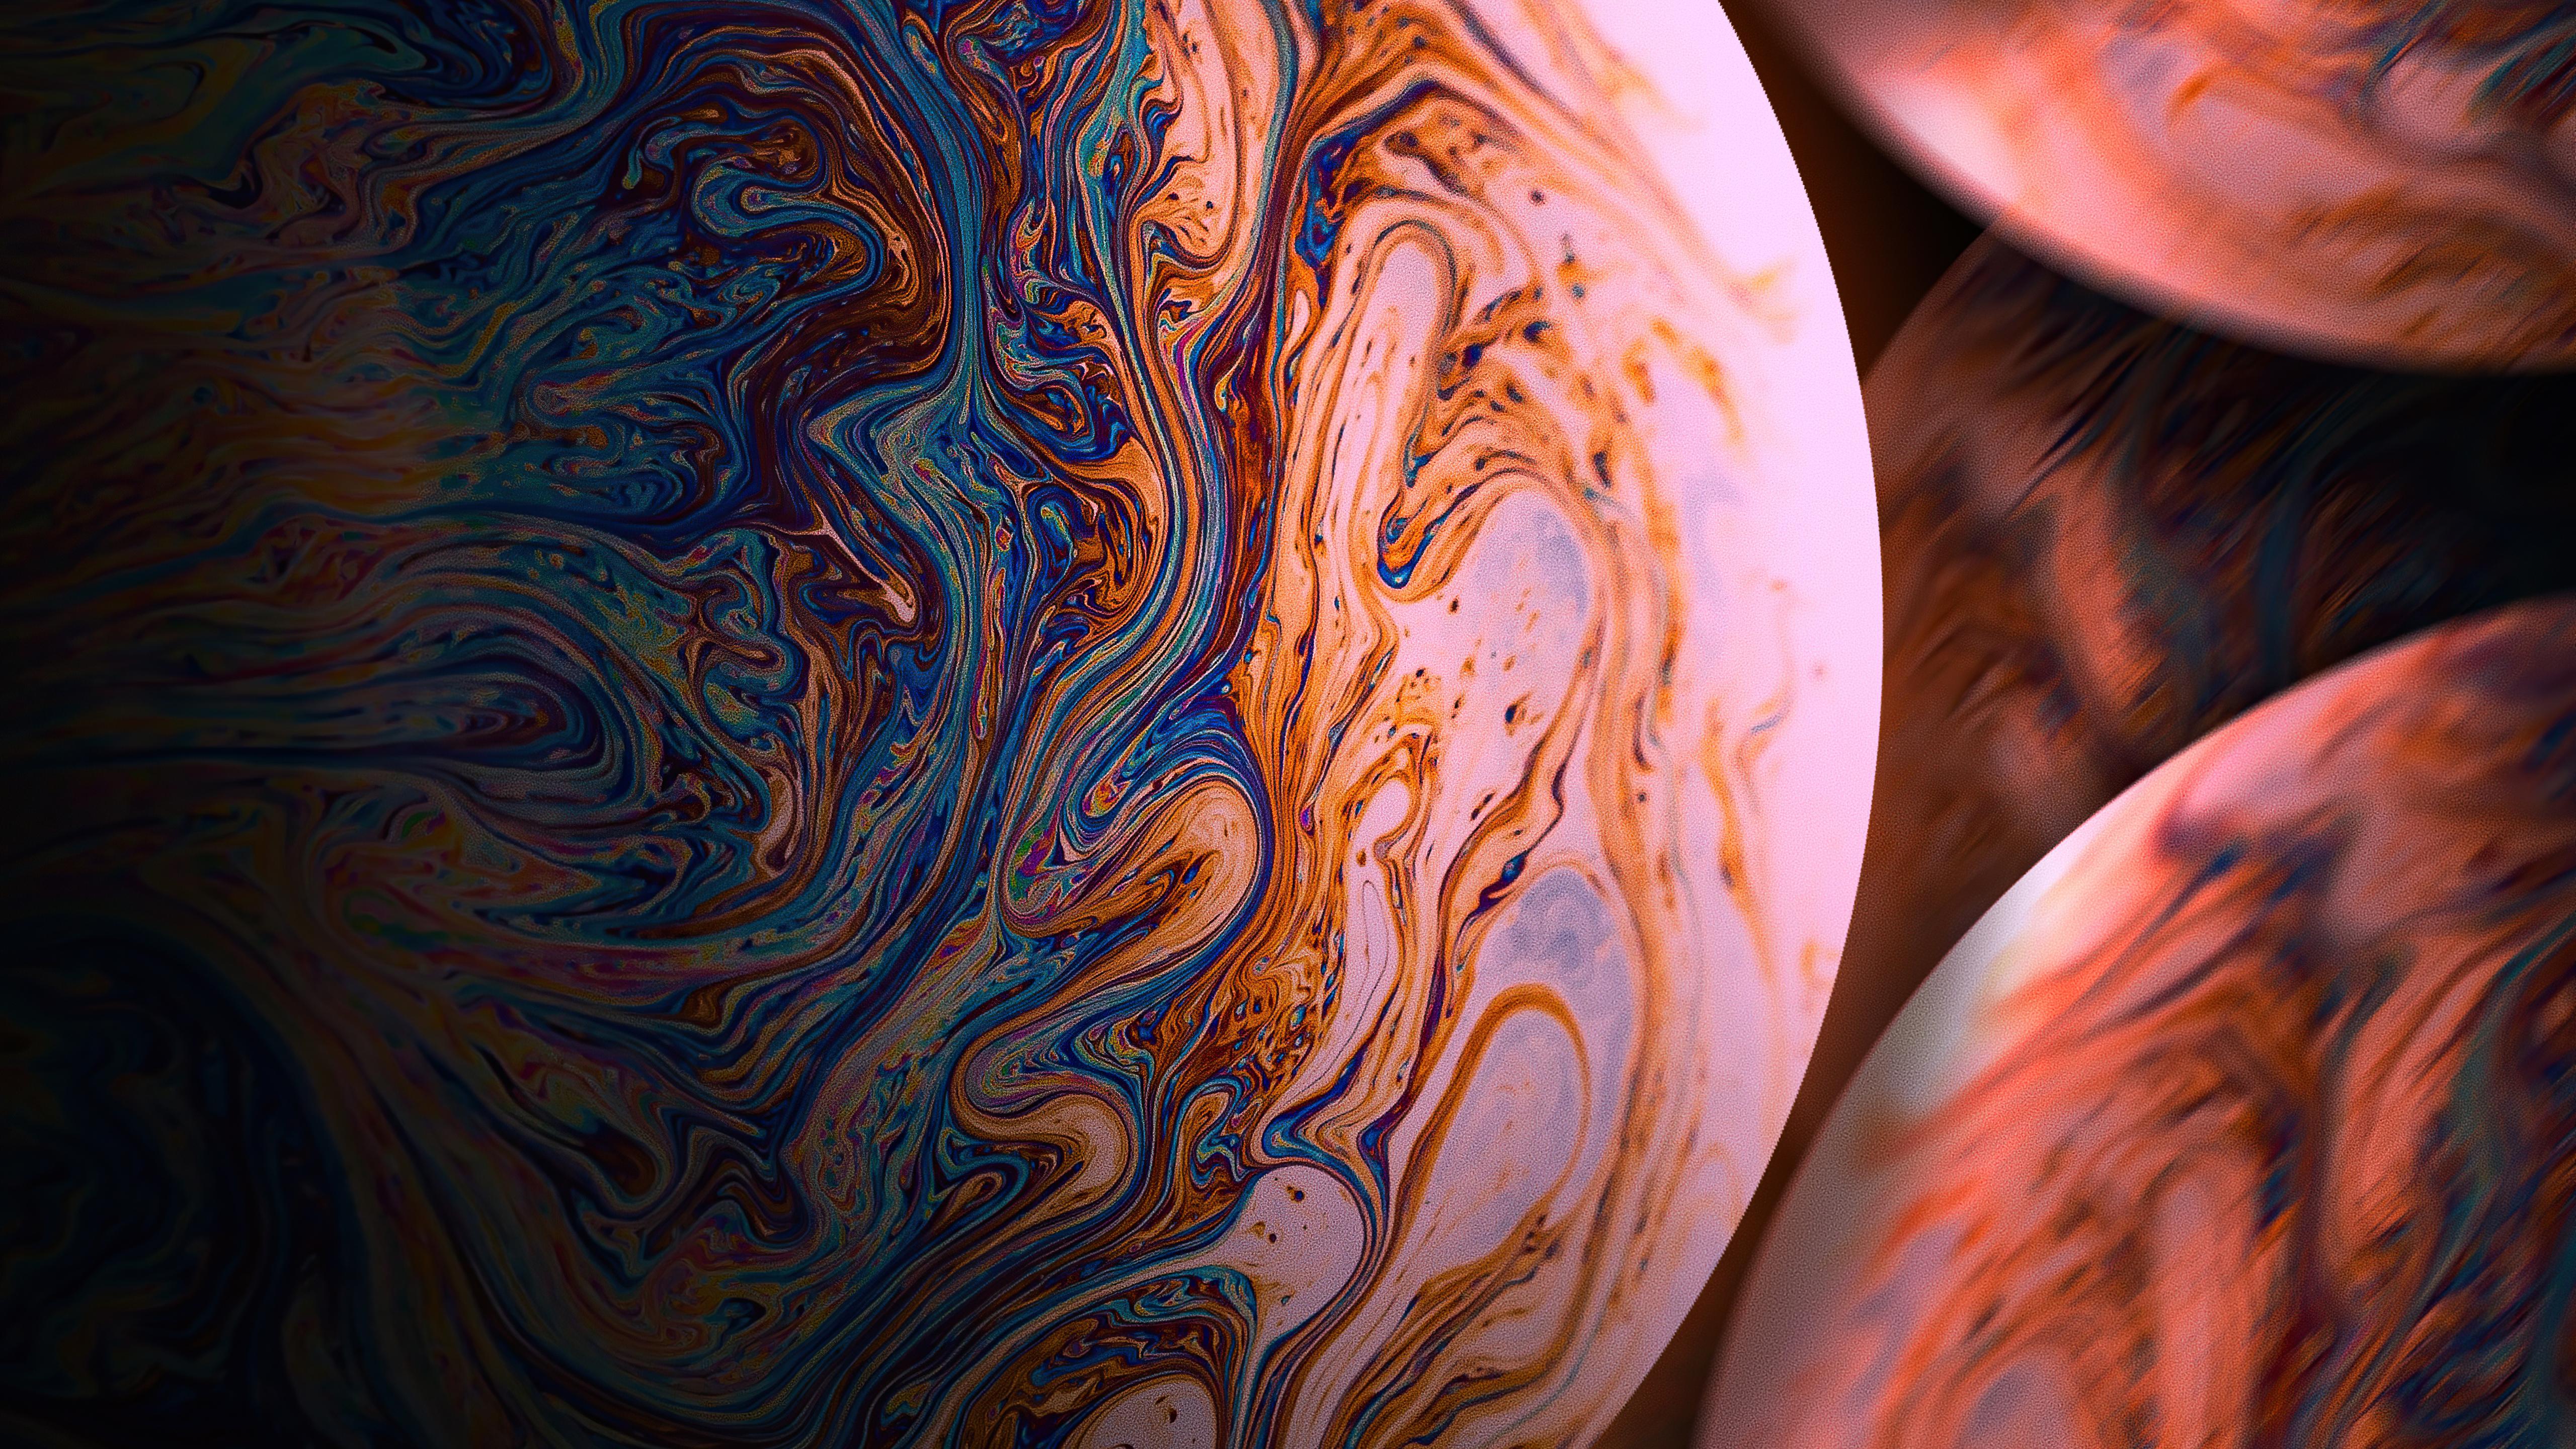 bubbles closeup 4k 1618131491 - Bubbles Closeup 4k - Bubbles Closeup 4k wallpapers